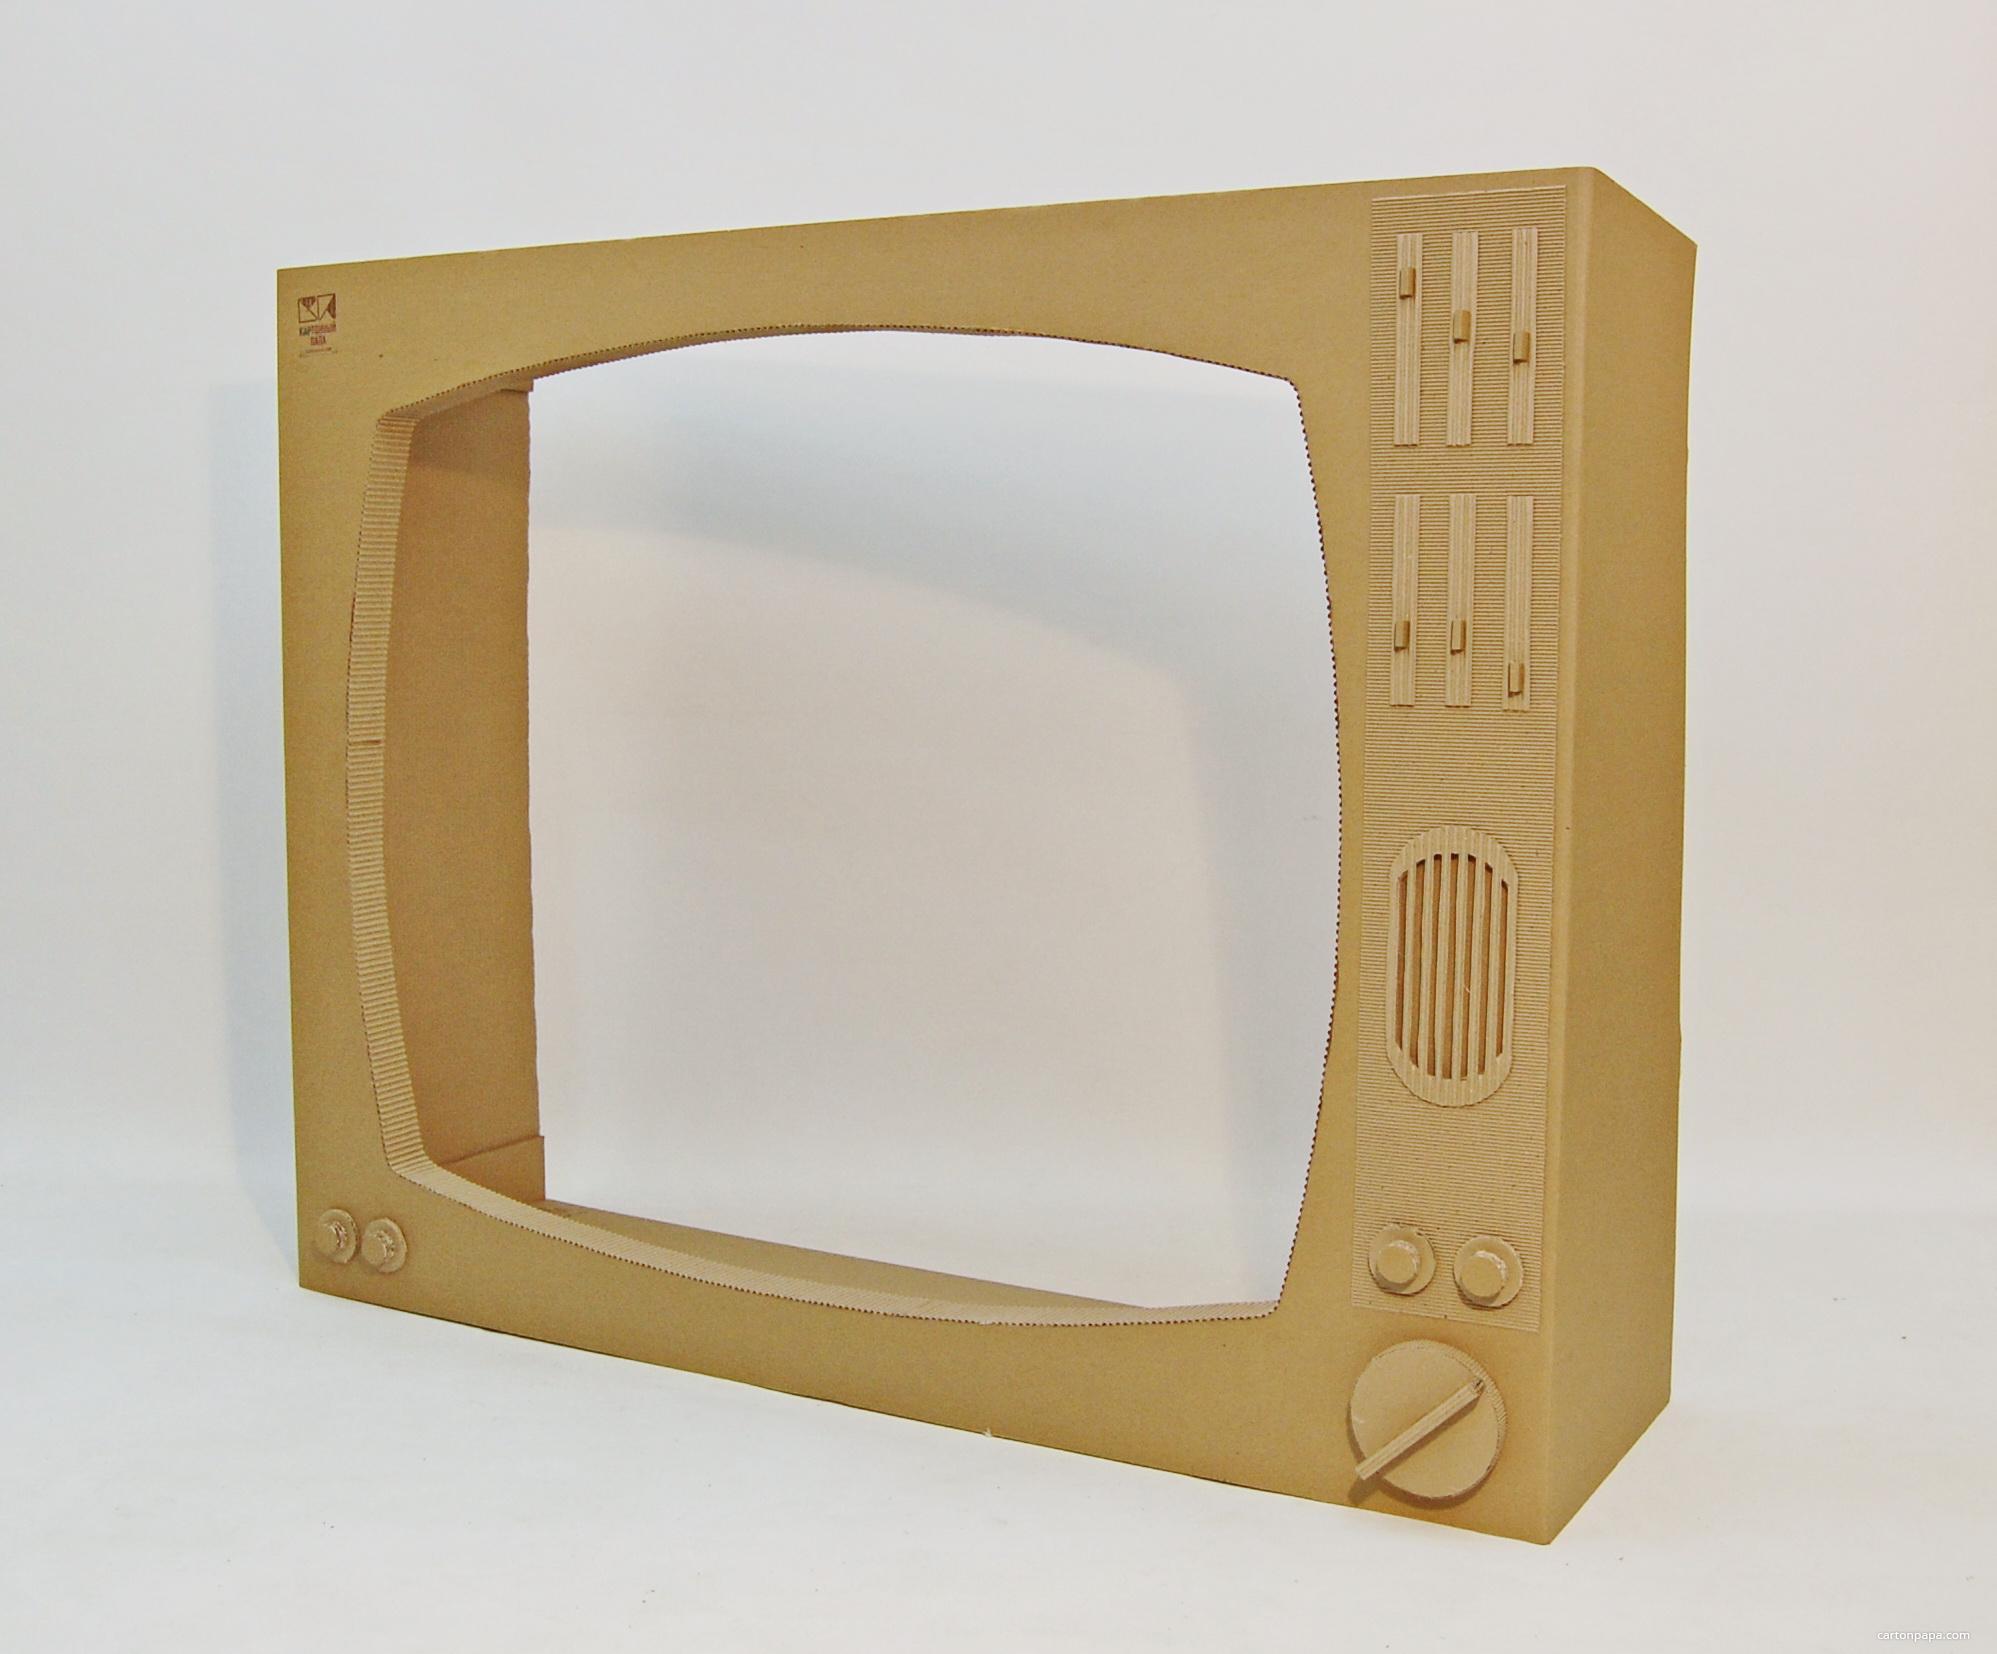 Как сделать своими руками телевизор из коробки своими руками 17